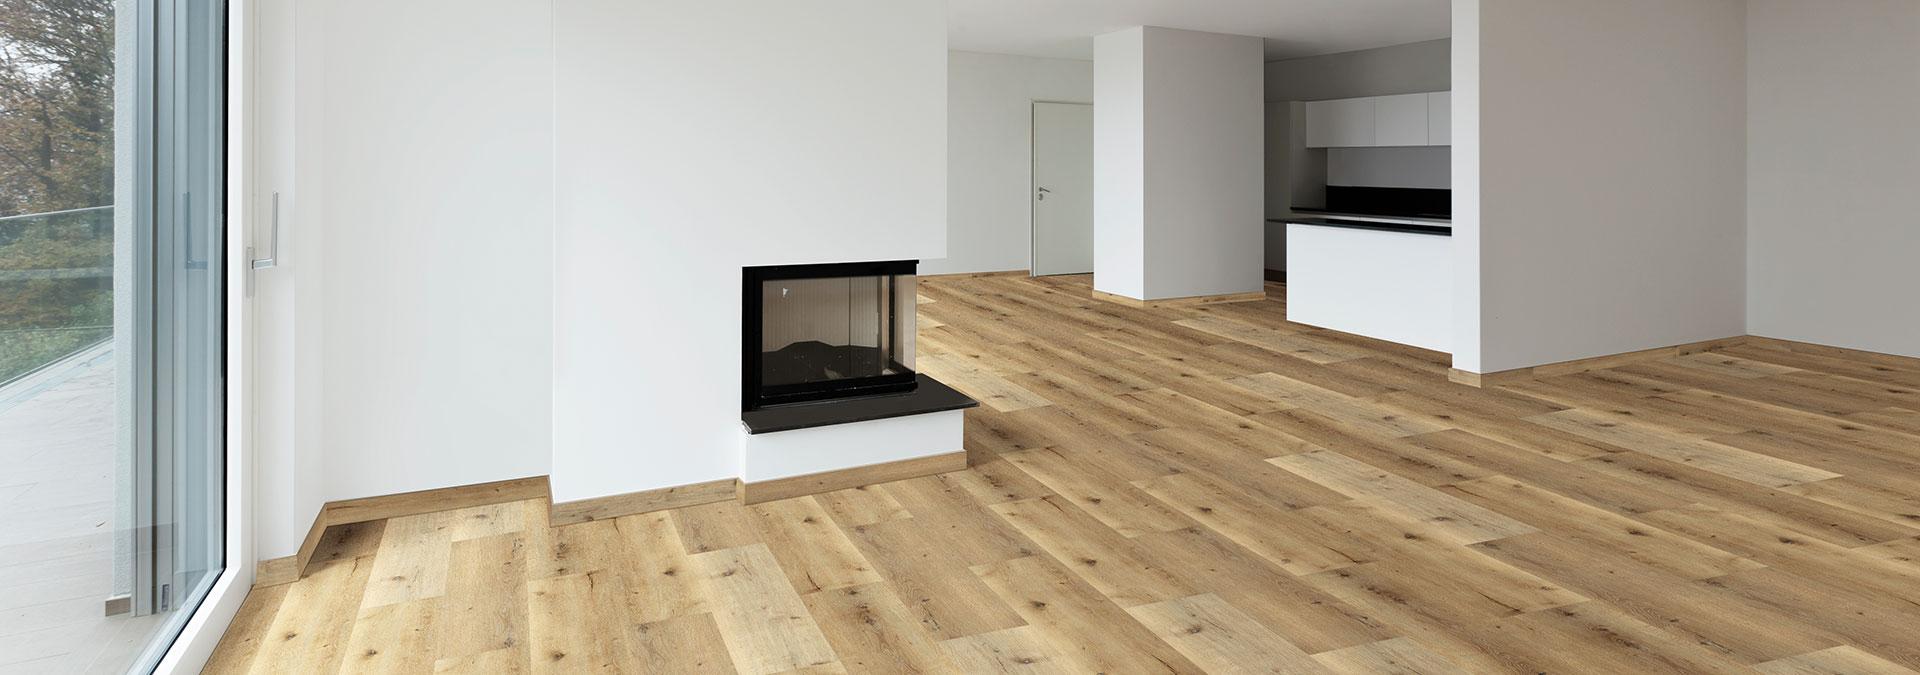 Wohnzimmer Design Boden Bodenbelag Wohnzimmer Luxus Gallery Of